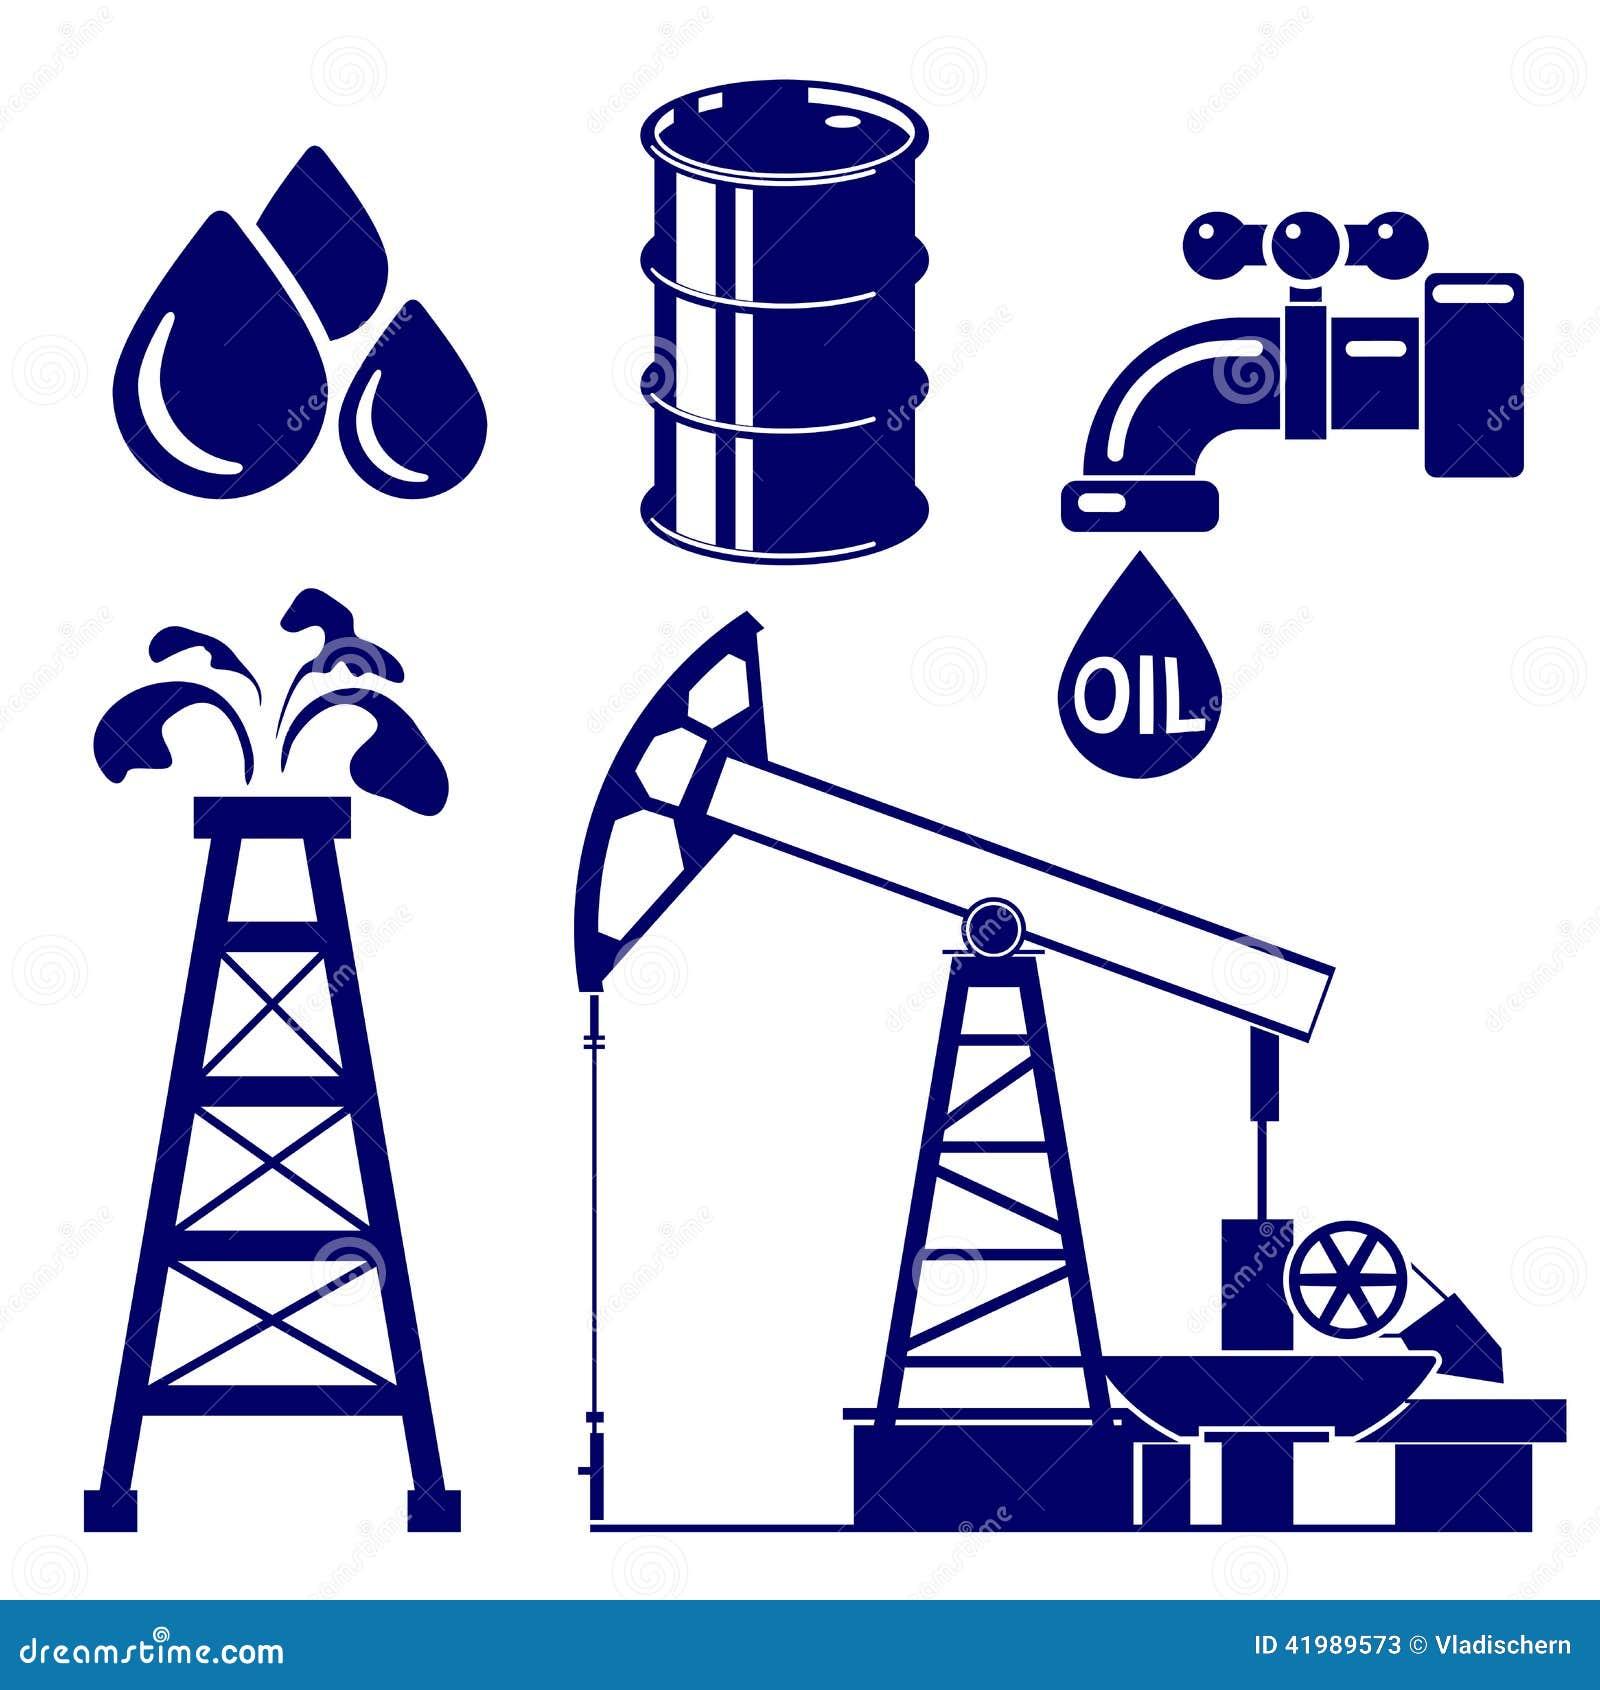 Как нарисовать рисунок нефтяника